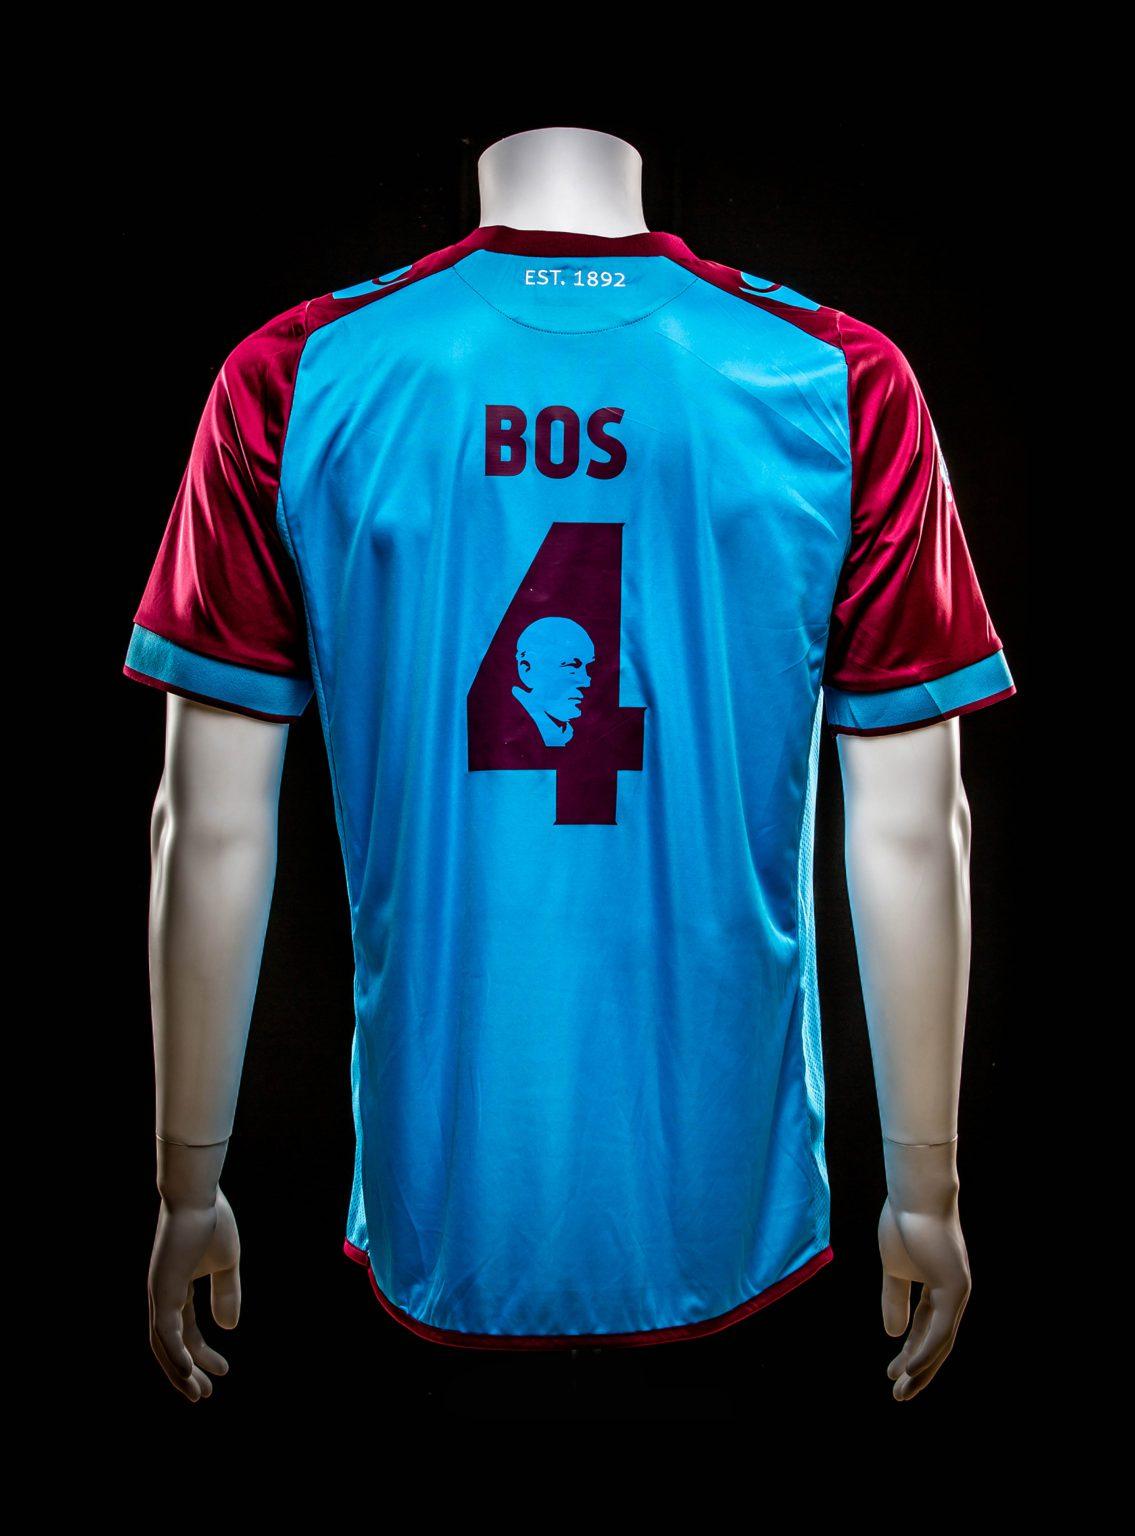 #4 Theo Bos Herdenkings Wedstrijd Spelershirt